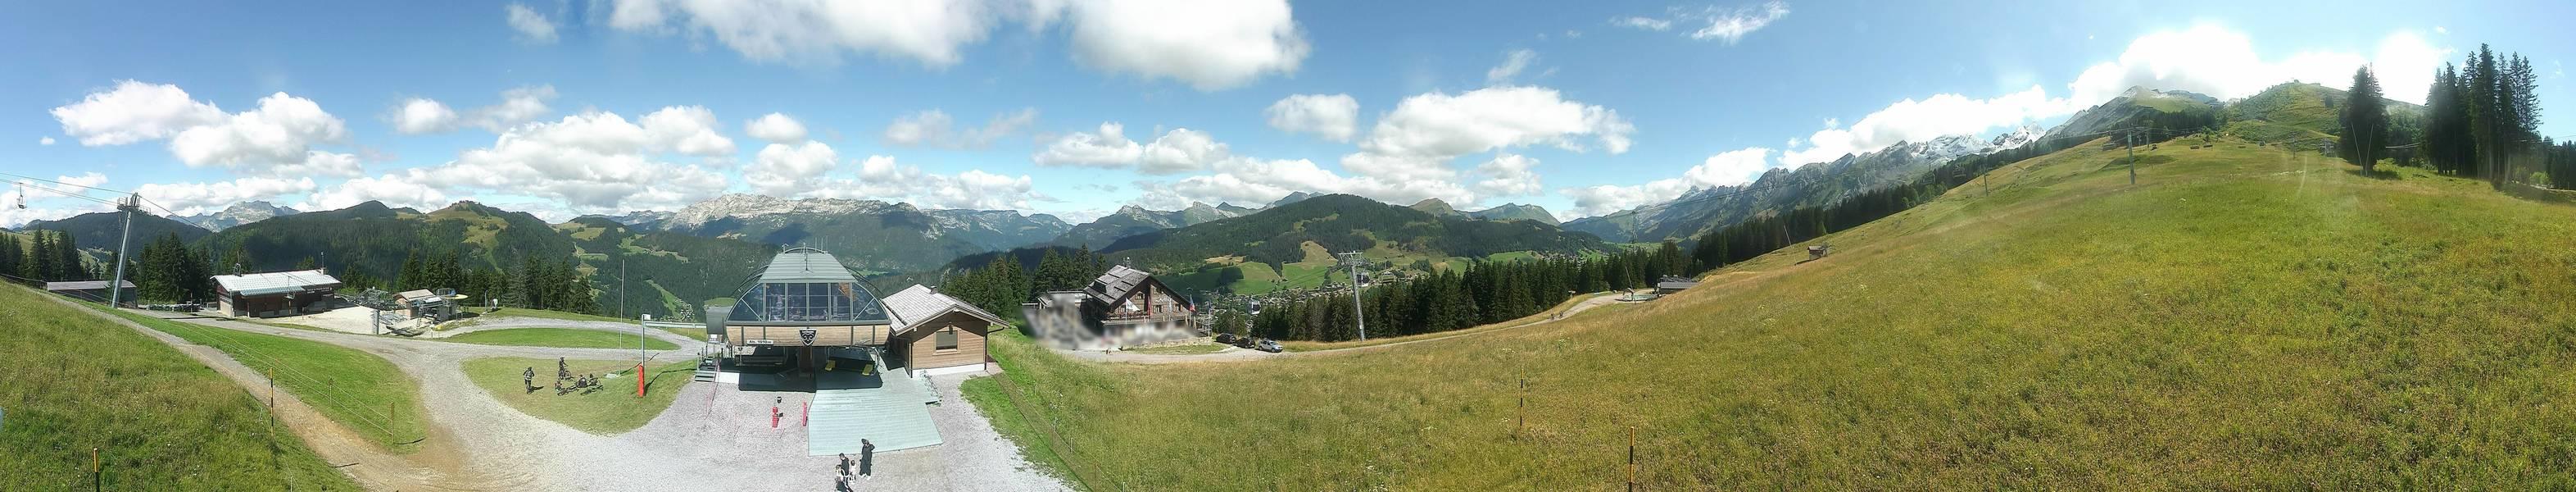 La Clusaz webcam - Cret du Loup snowpark